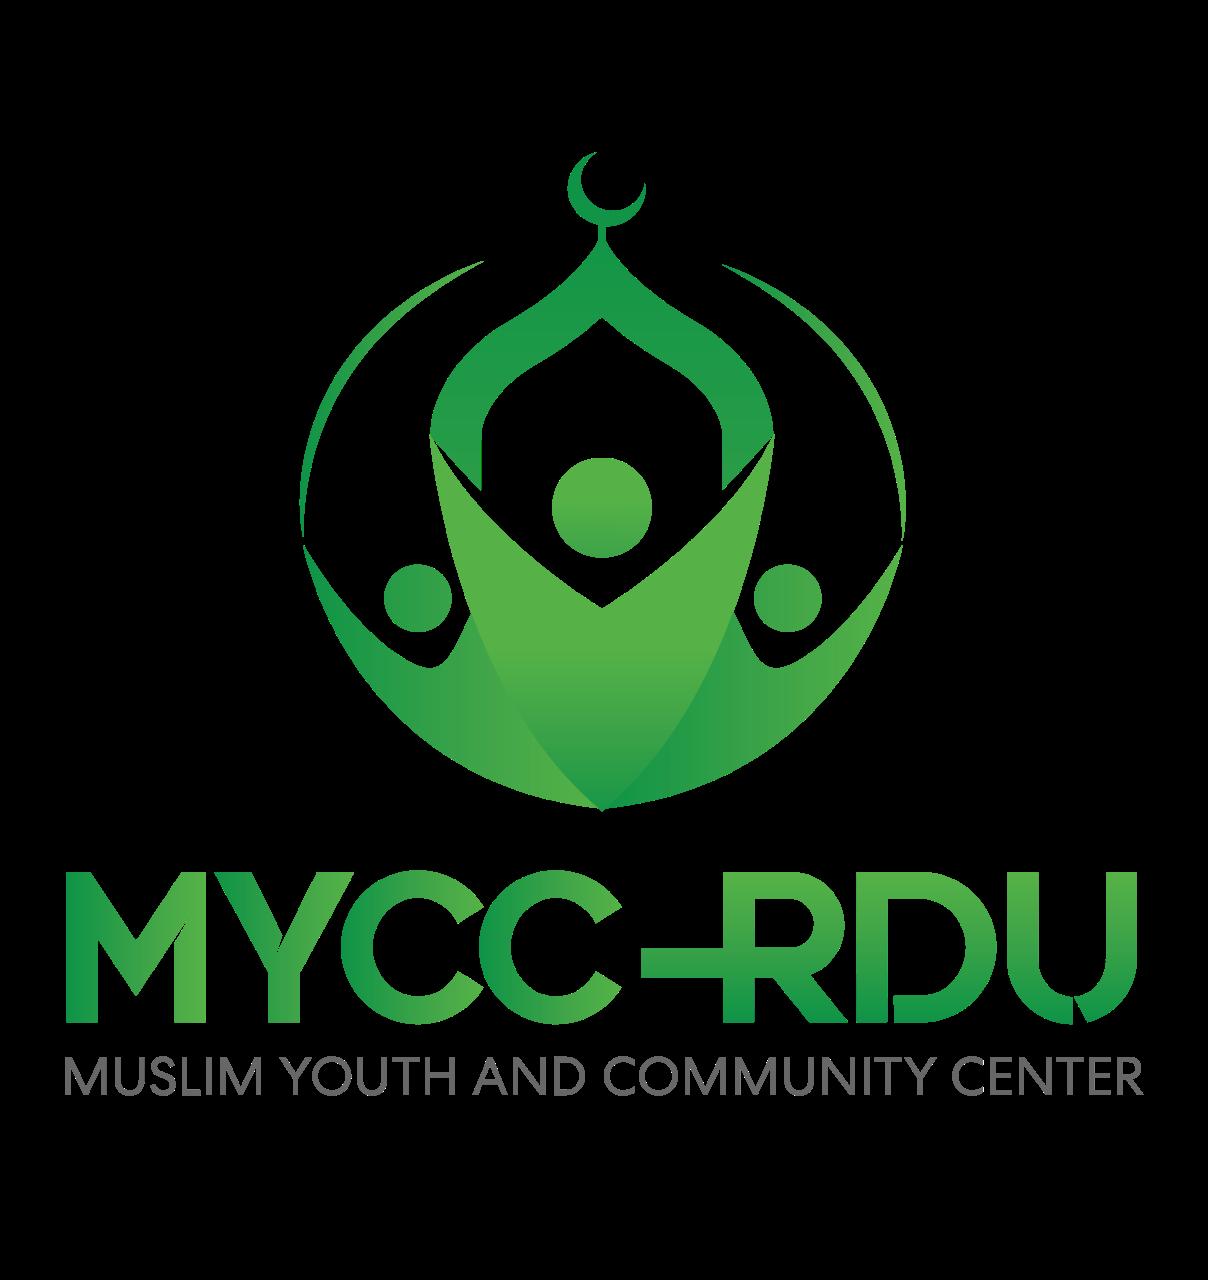 MYCC-RDU